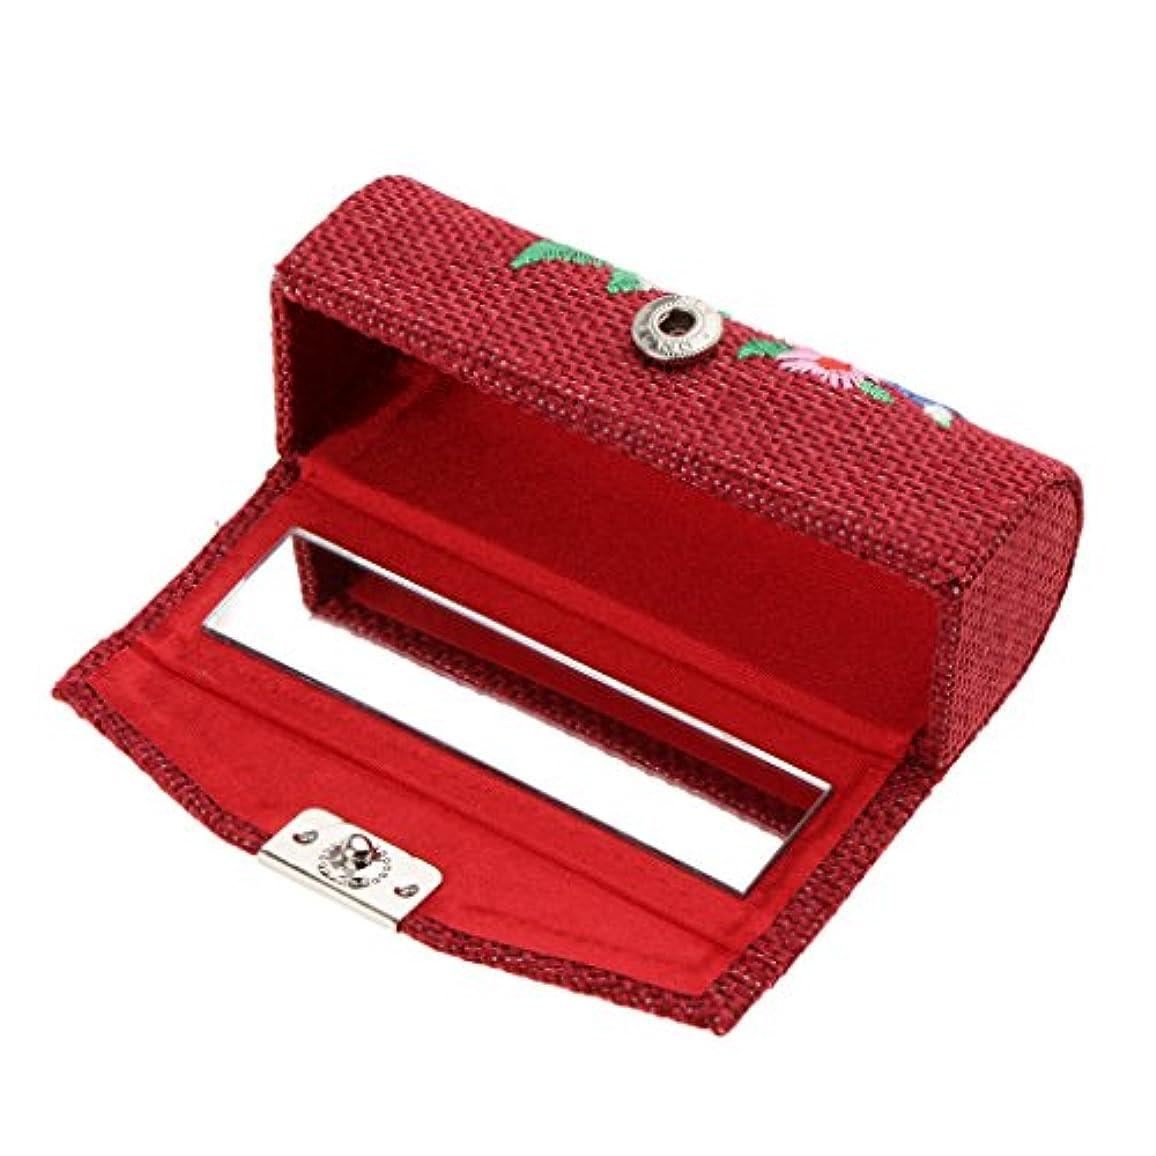 性格バー曲Perfk 化粧ポーチ 口紅ホルダー リップグロス 収納ケース ジュエリー ストレージ メイクアップ ミラー付き 高品質 プレゼント 6色選べる - ワインレッド